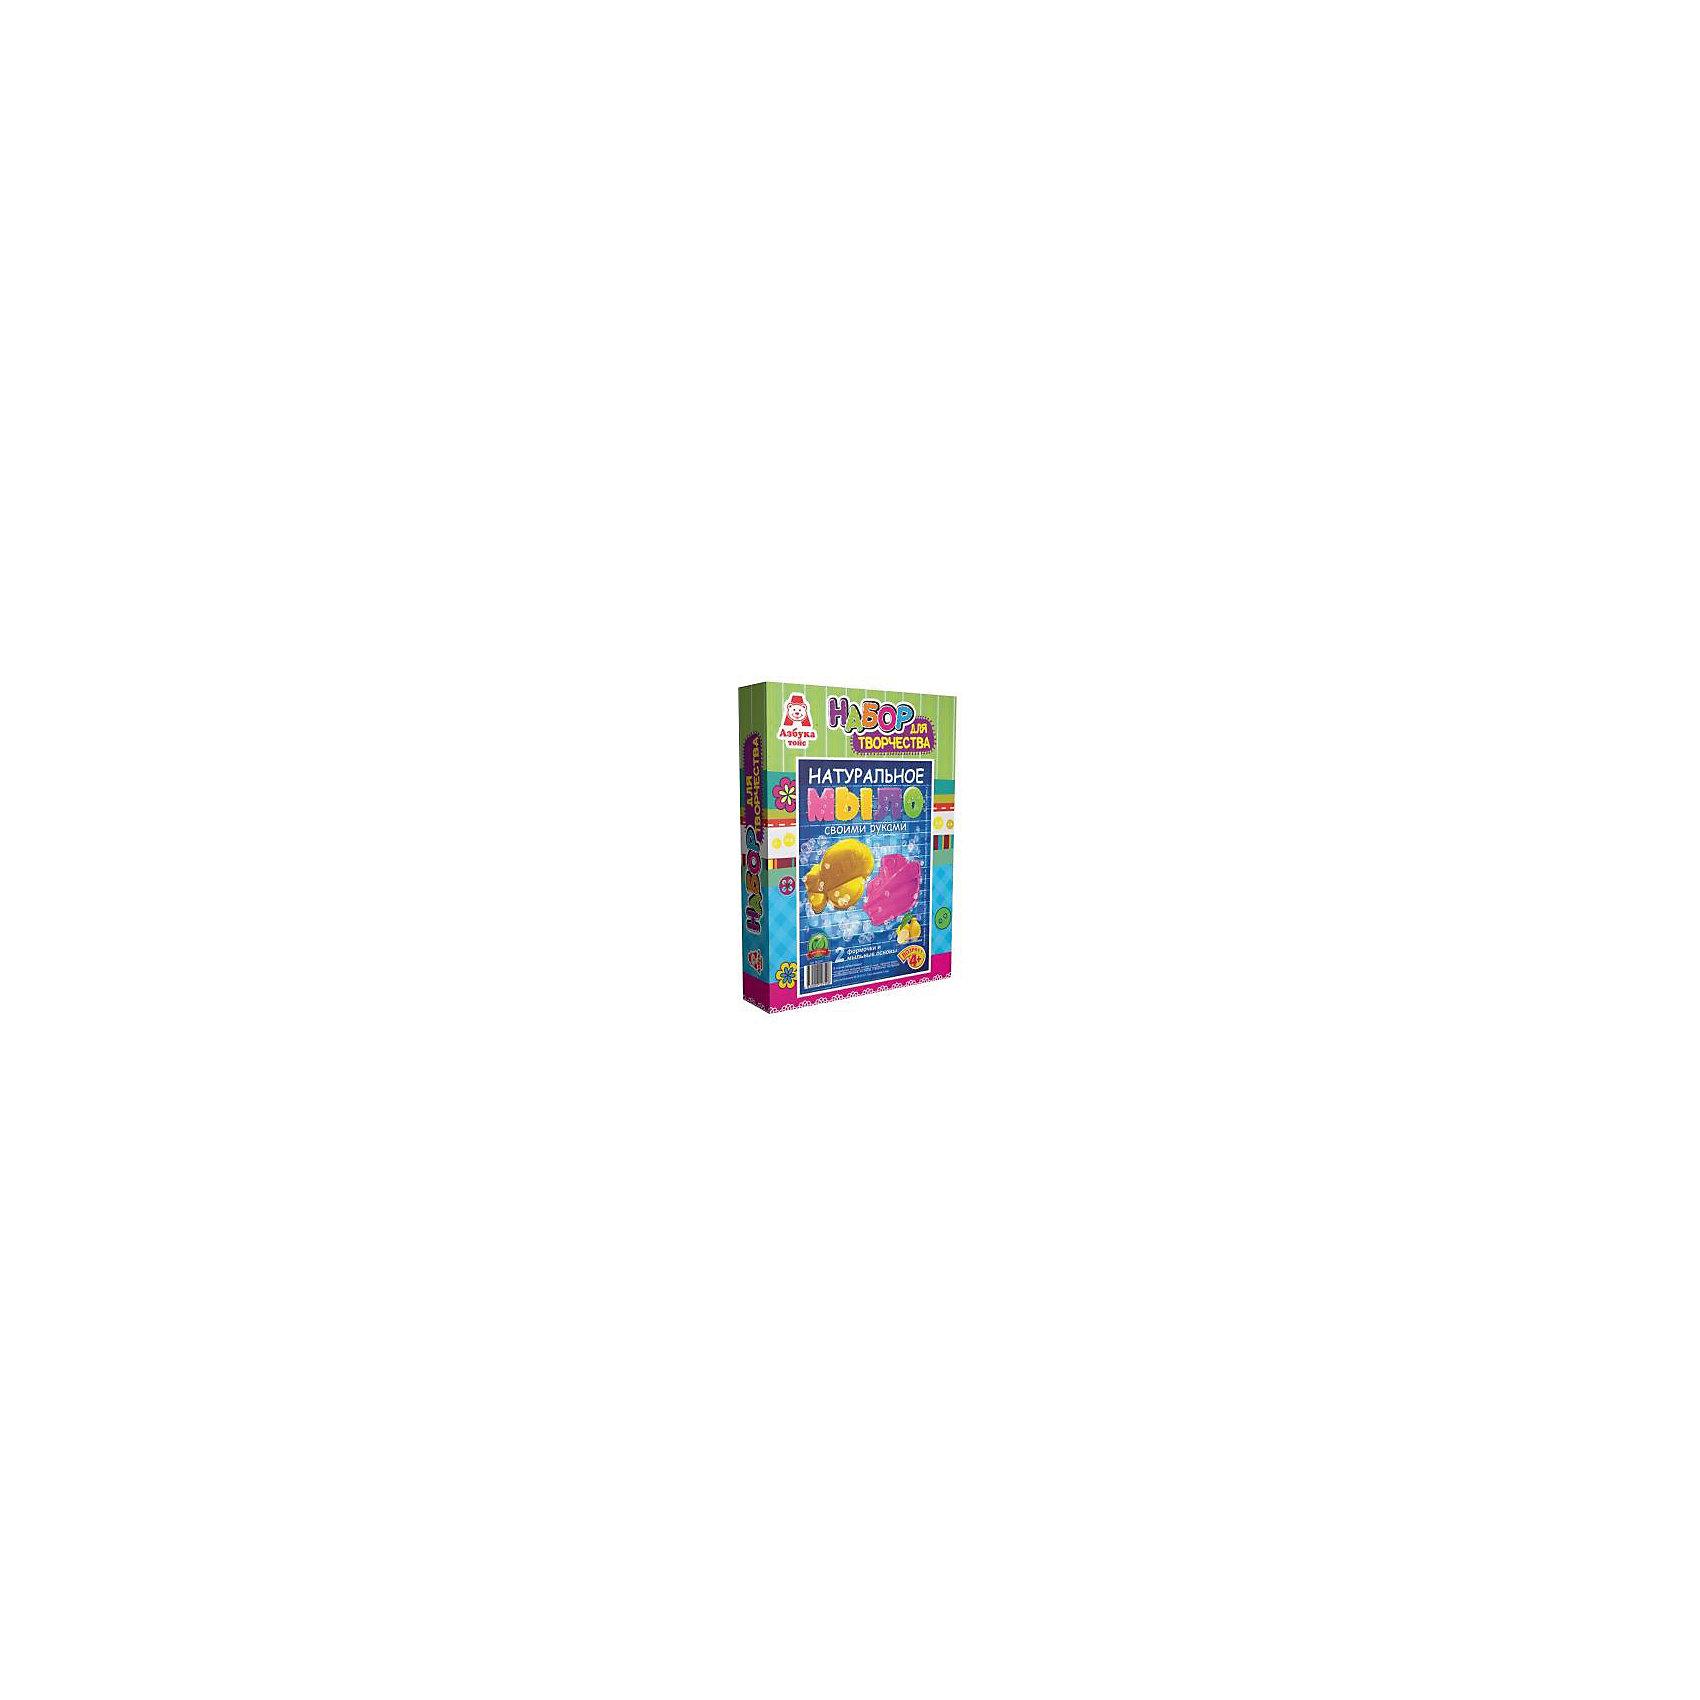 Мыло Кораблик и СамолетНаборы для создания мыла<br>Характеристики товара:<br><br>• упаковка: коробка<br>• количество цветов: 5<br>• возраст: 4+<br>• масса: 294 г<br>• габариты: 50х240х280 мм<br>• комплектация: натуральная мыльная основа (5 видов), эфирное масло (5 видов), деревянная палочка, емкость для растапливания, формочки - 5 шт., инструкция<br>• страна бренда: РФ<br>• страна изготовитель: РФ<br><br>Мыловарение – интересный и необычный способ занять малыша. Ошибочно полагать, что создавать мыло – творчество только для девочек. В новом наборе формочки позволяют варить мыло в форме различных предметов. На выходе у ребенка получится настоящее мыло, готовое к использованию. Благодаря эфирным маслам оно будет приятно пахнуть. В наборе есть все необходимое для создания продукта.<br>Набор станет отличным подарком ребенку, так как он сможет сам сделать полезную вещь для себя или в качестве подарка близким! Материалы, использованные при изготовлении товара, сертифицированы и отвечают всем международным требованиям по качеству. <br><br>Набор Мыло Кораблик и Самолет от бренда Азбука Тойс можно приобрести в нашем интернет-магазине.<br><br>Ширина мм: 240<br>Глубина мм: 50<br>Высота мм: 280<br>Вес г: 294<br>Возраст от месяцев: 48<br>Возраст до месяцев: 96<br>Пол: Мужской<br>Возраст: Детский<br>SKU: 5062847